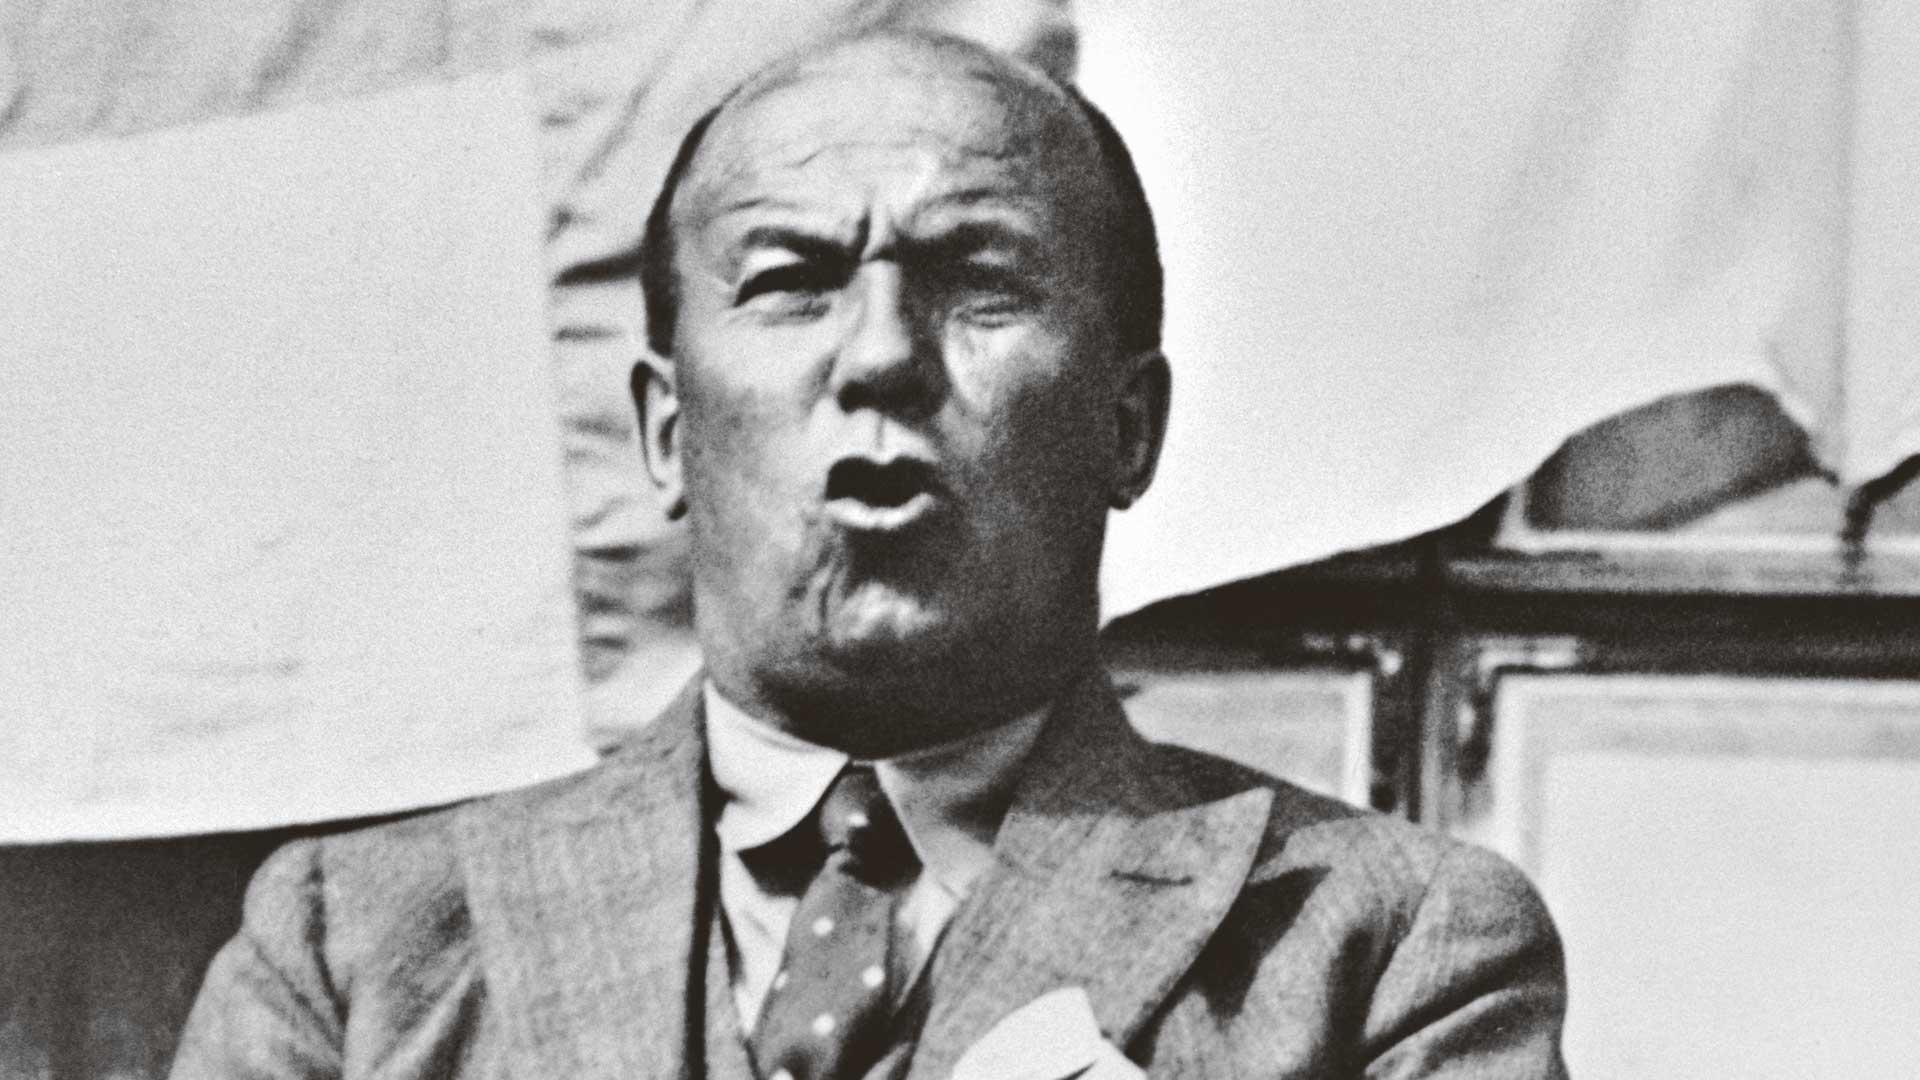 Vihtori Kosola